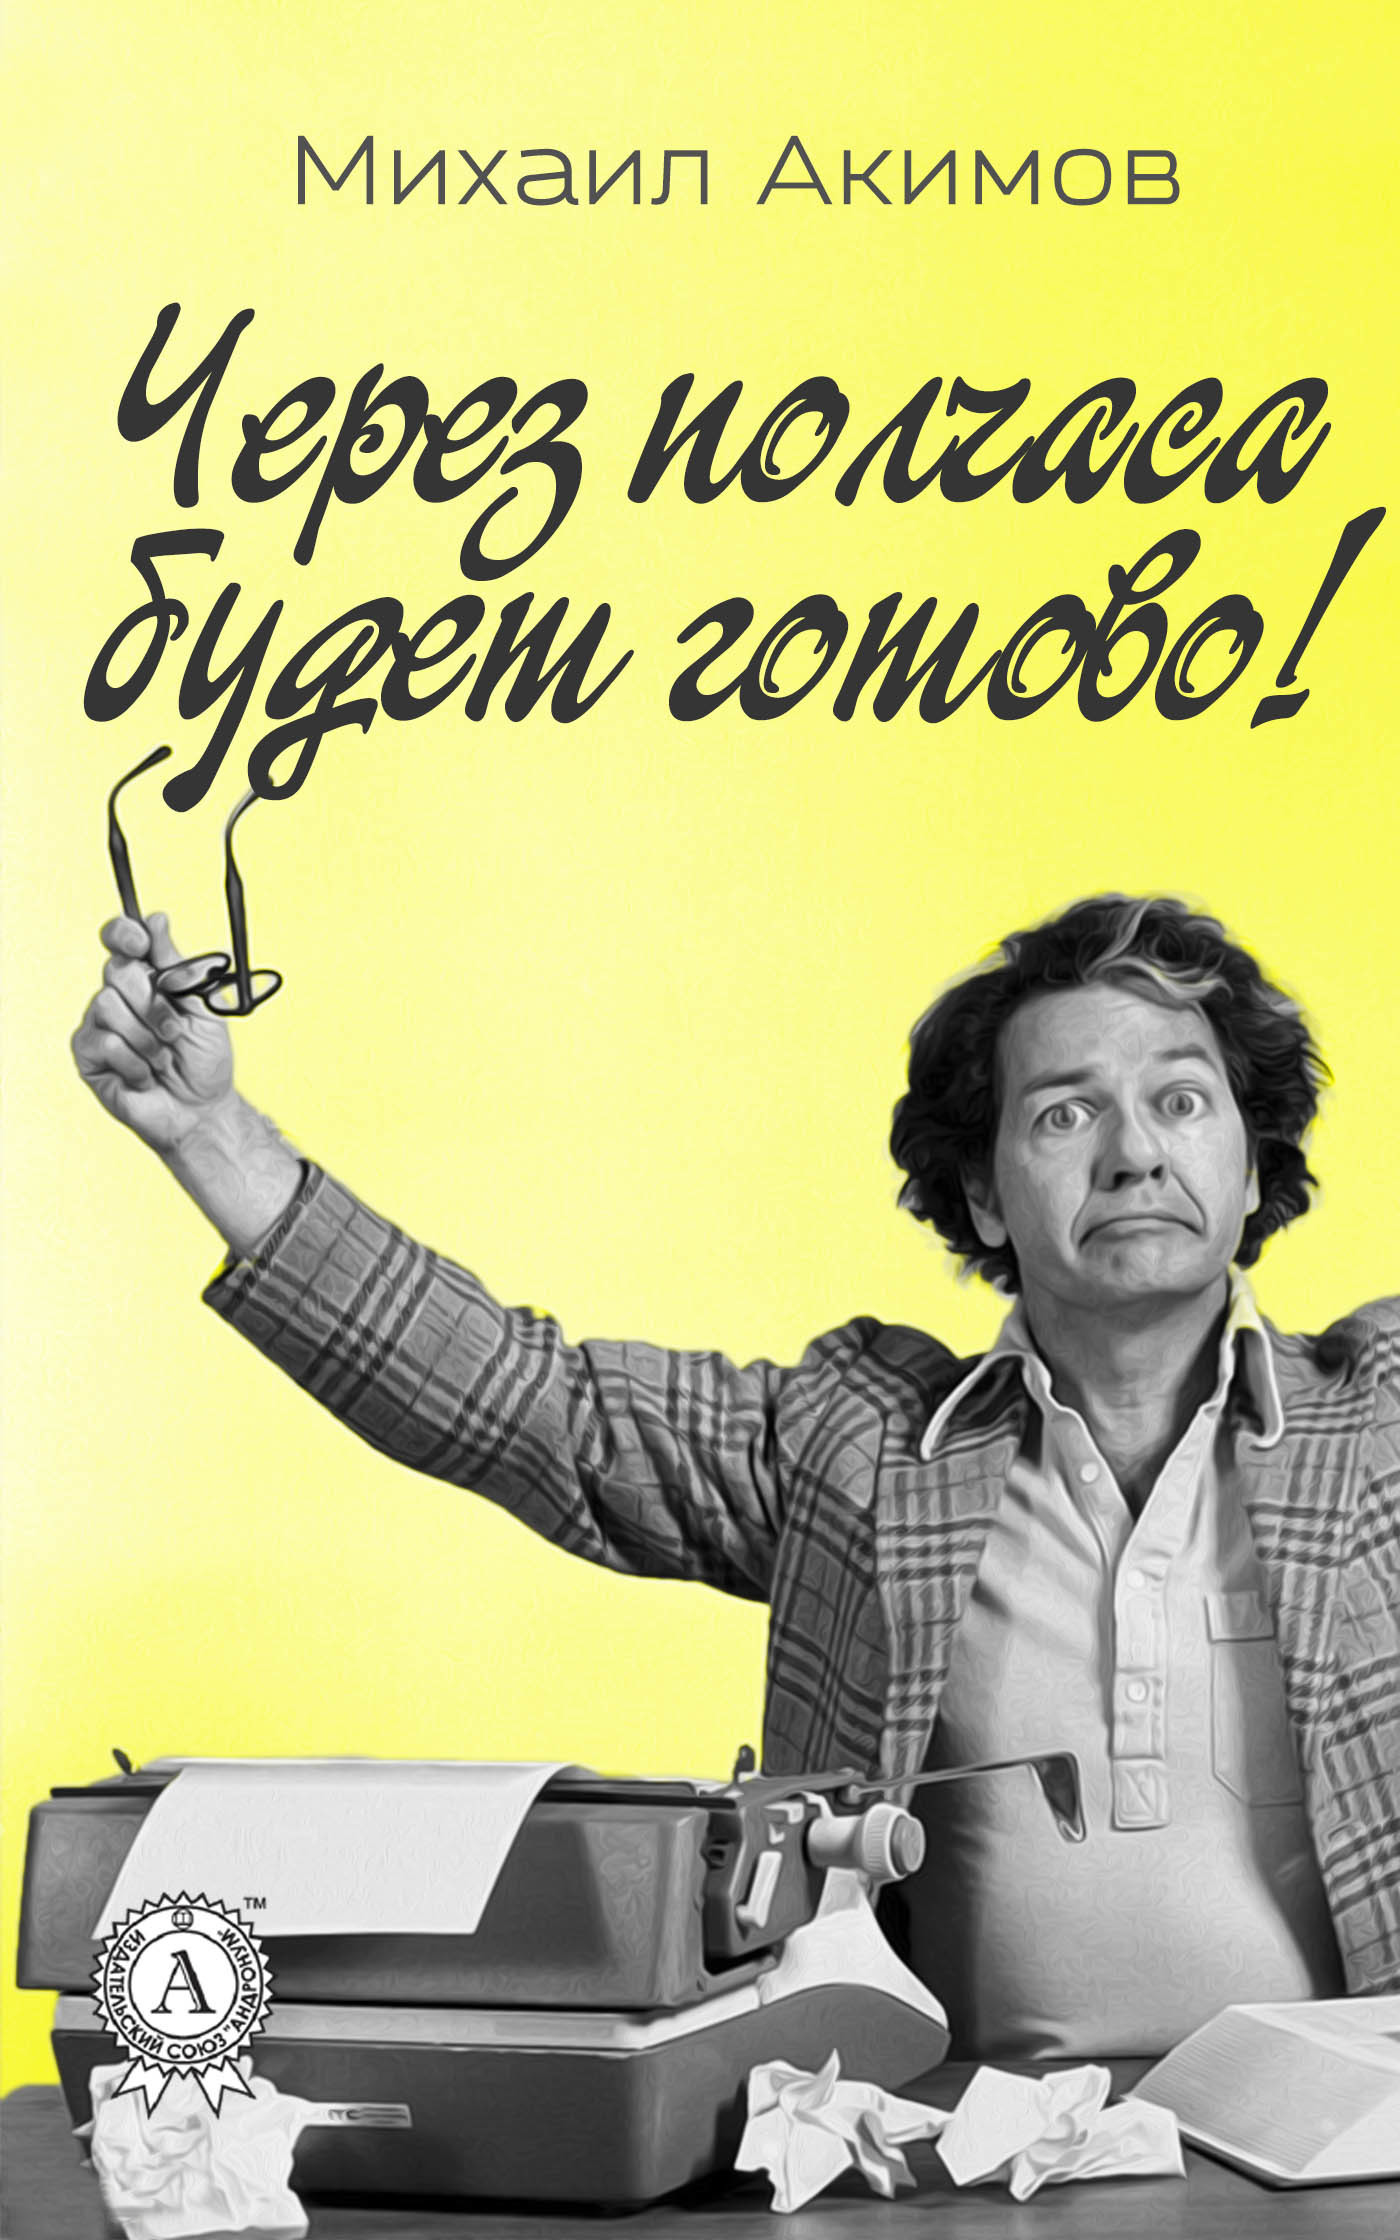 Михаил Акимов Через полчаса будет готово! трубицын в первое апреля сборник юмористических рассказов и стихов